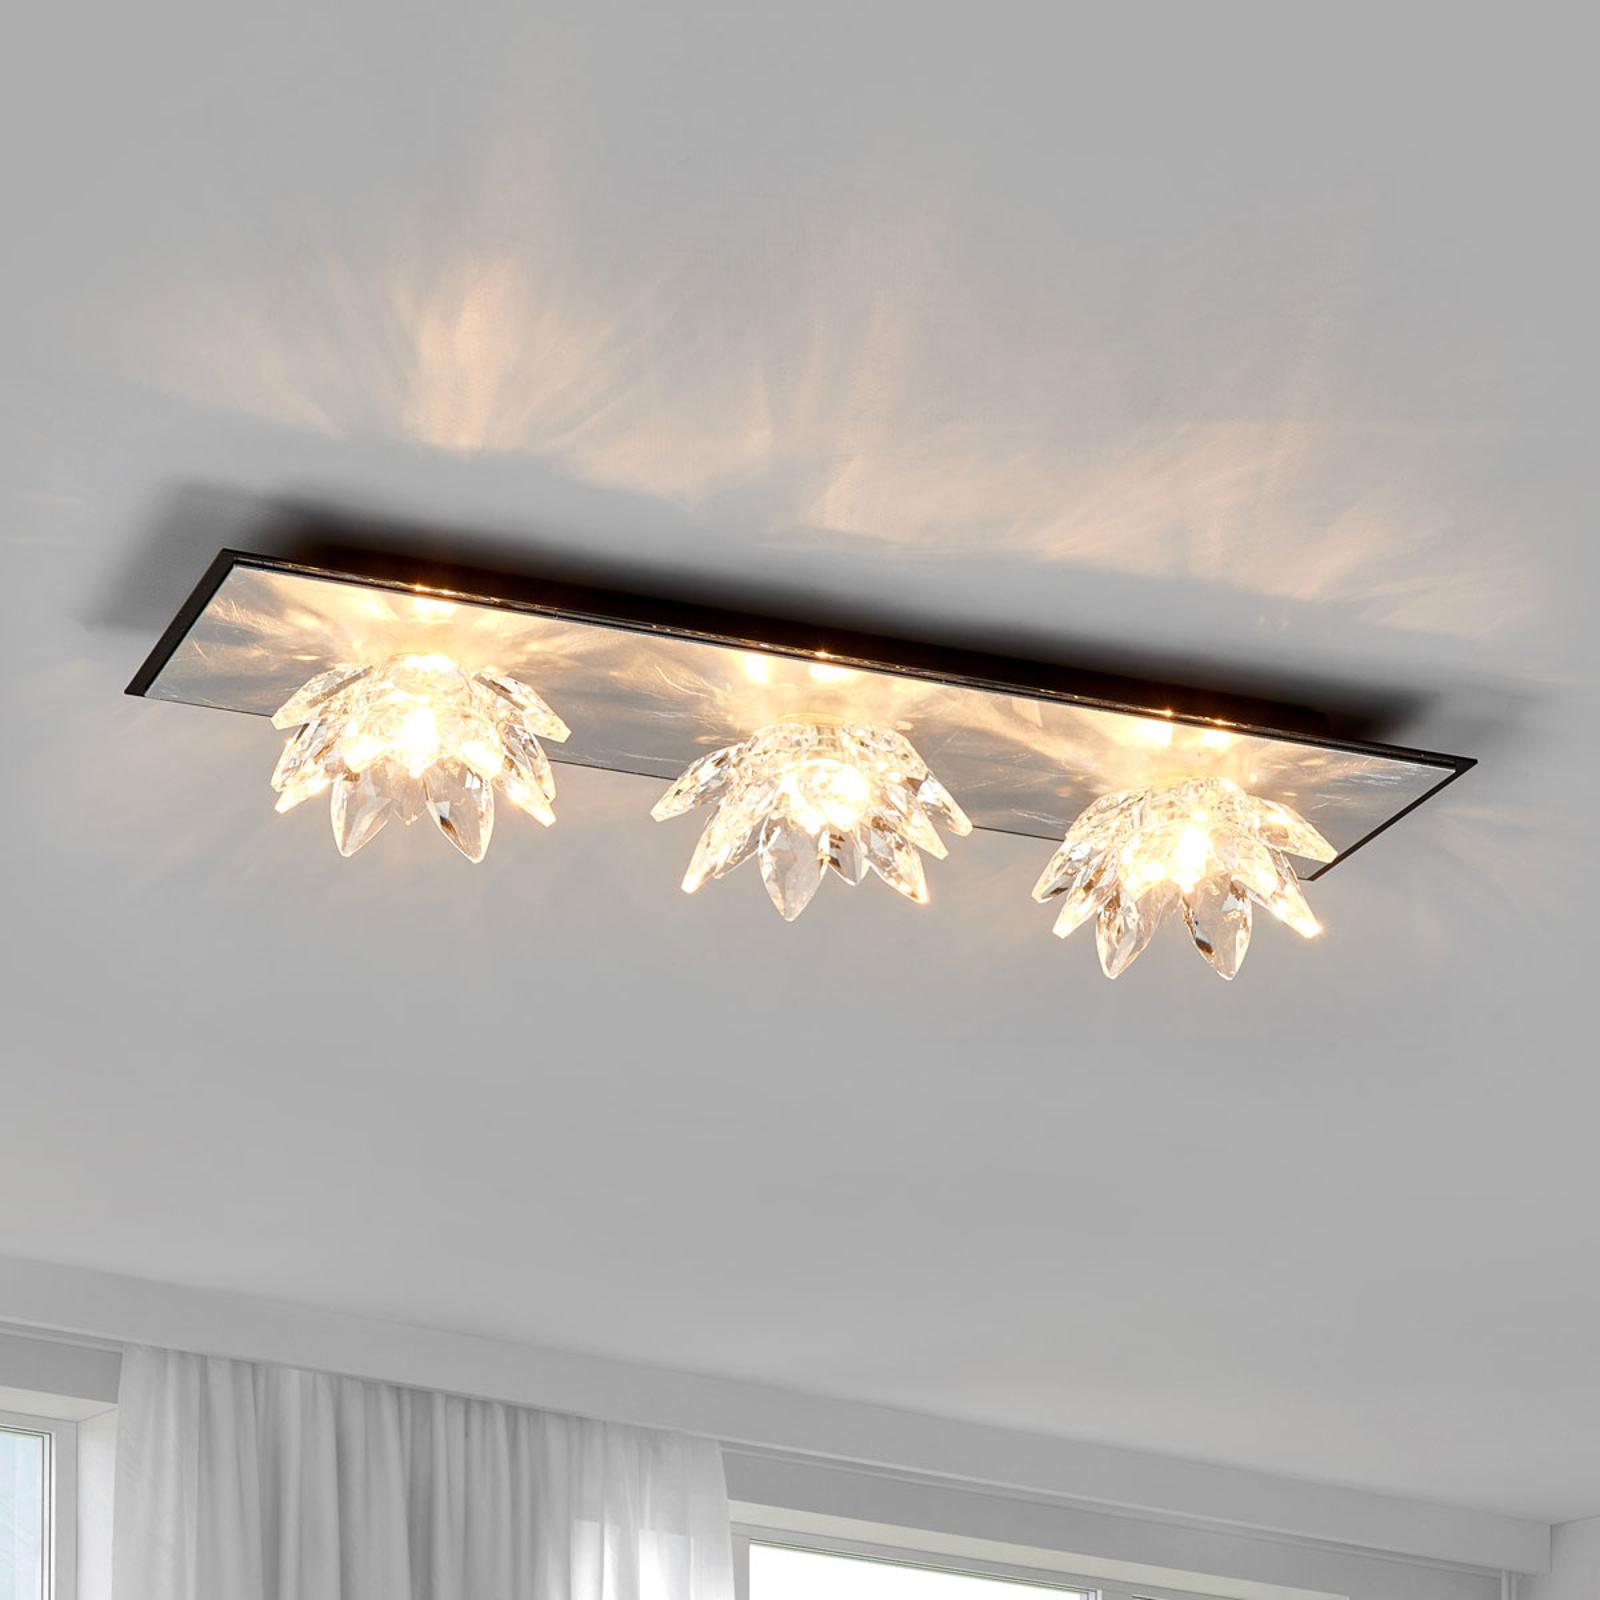 Fiore Cristallo taklampe, bladsølv, 3 lys